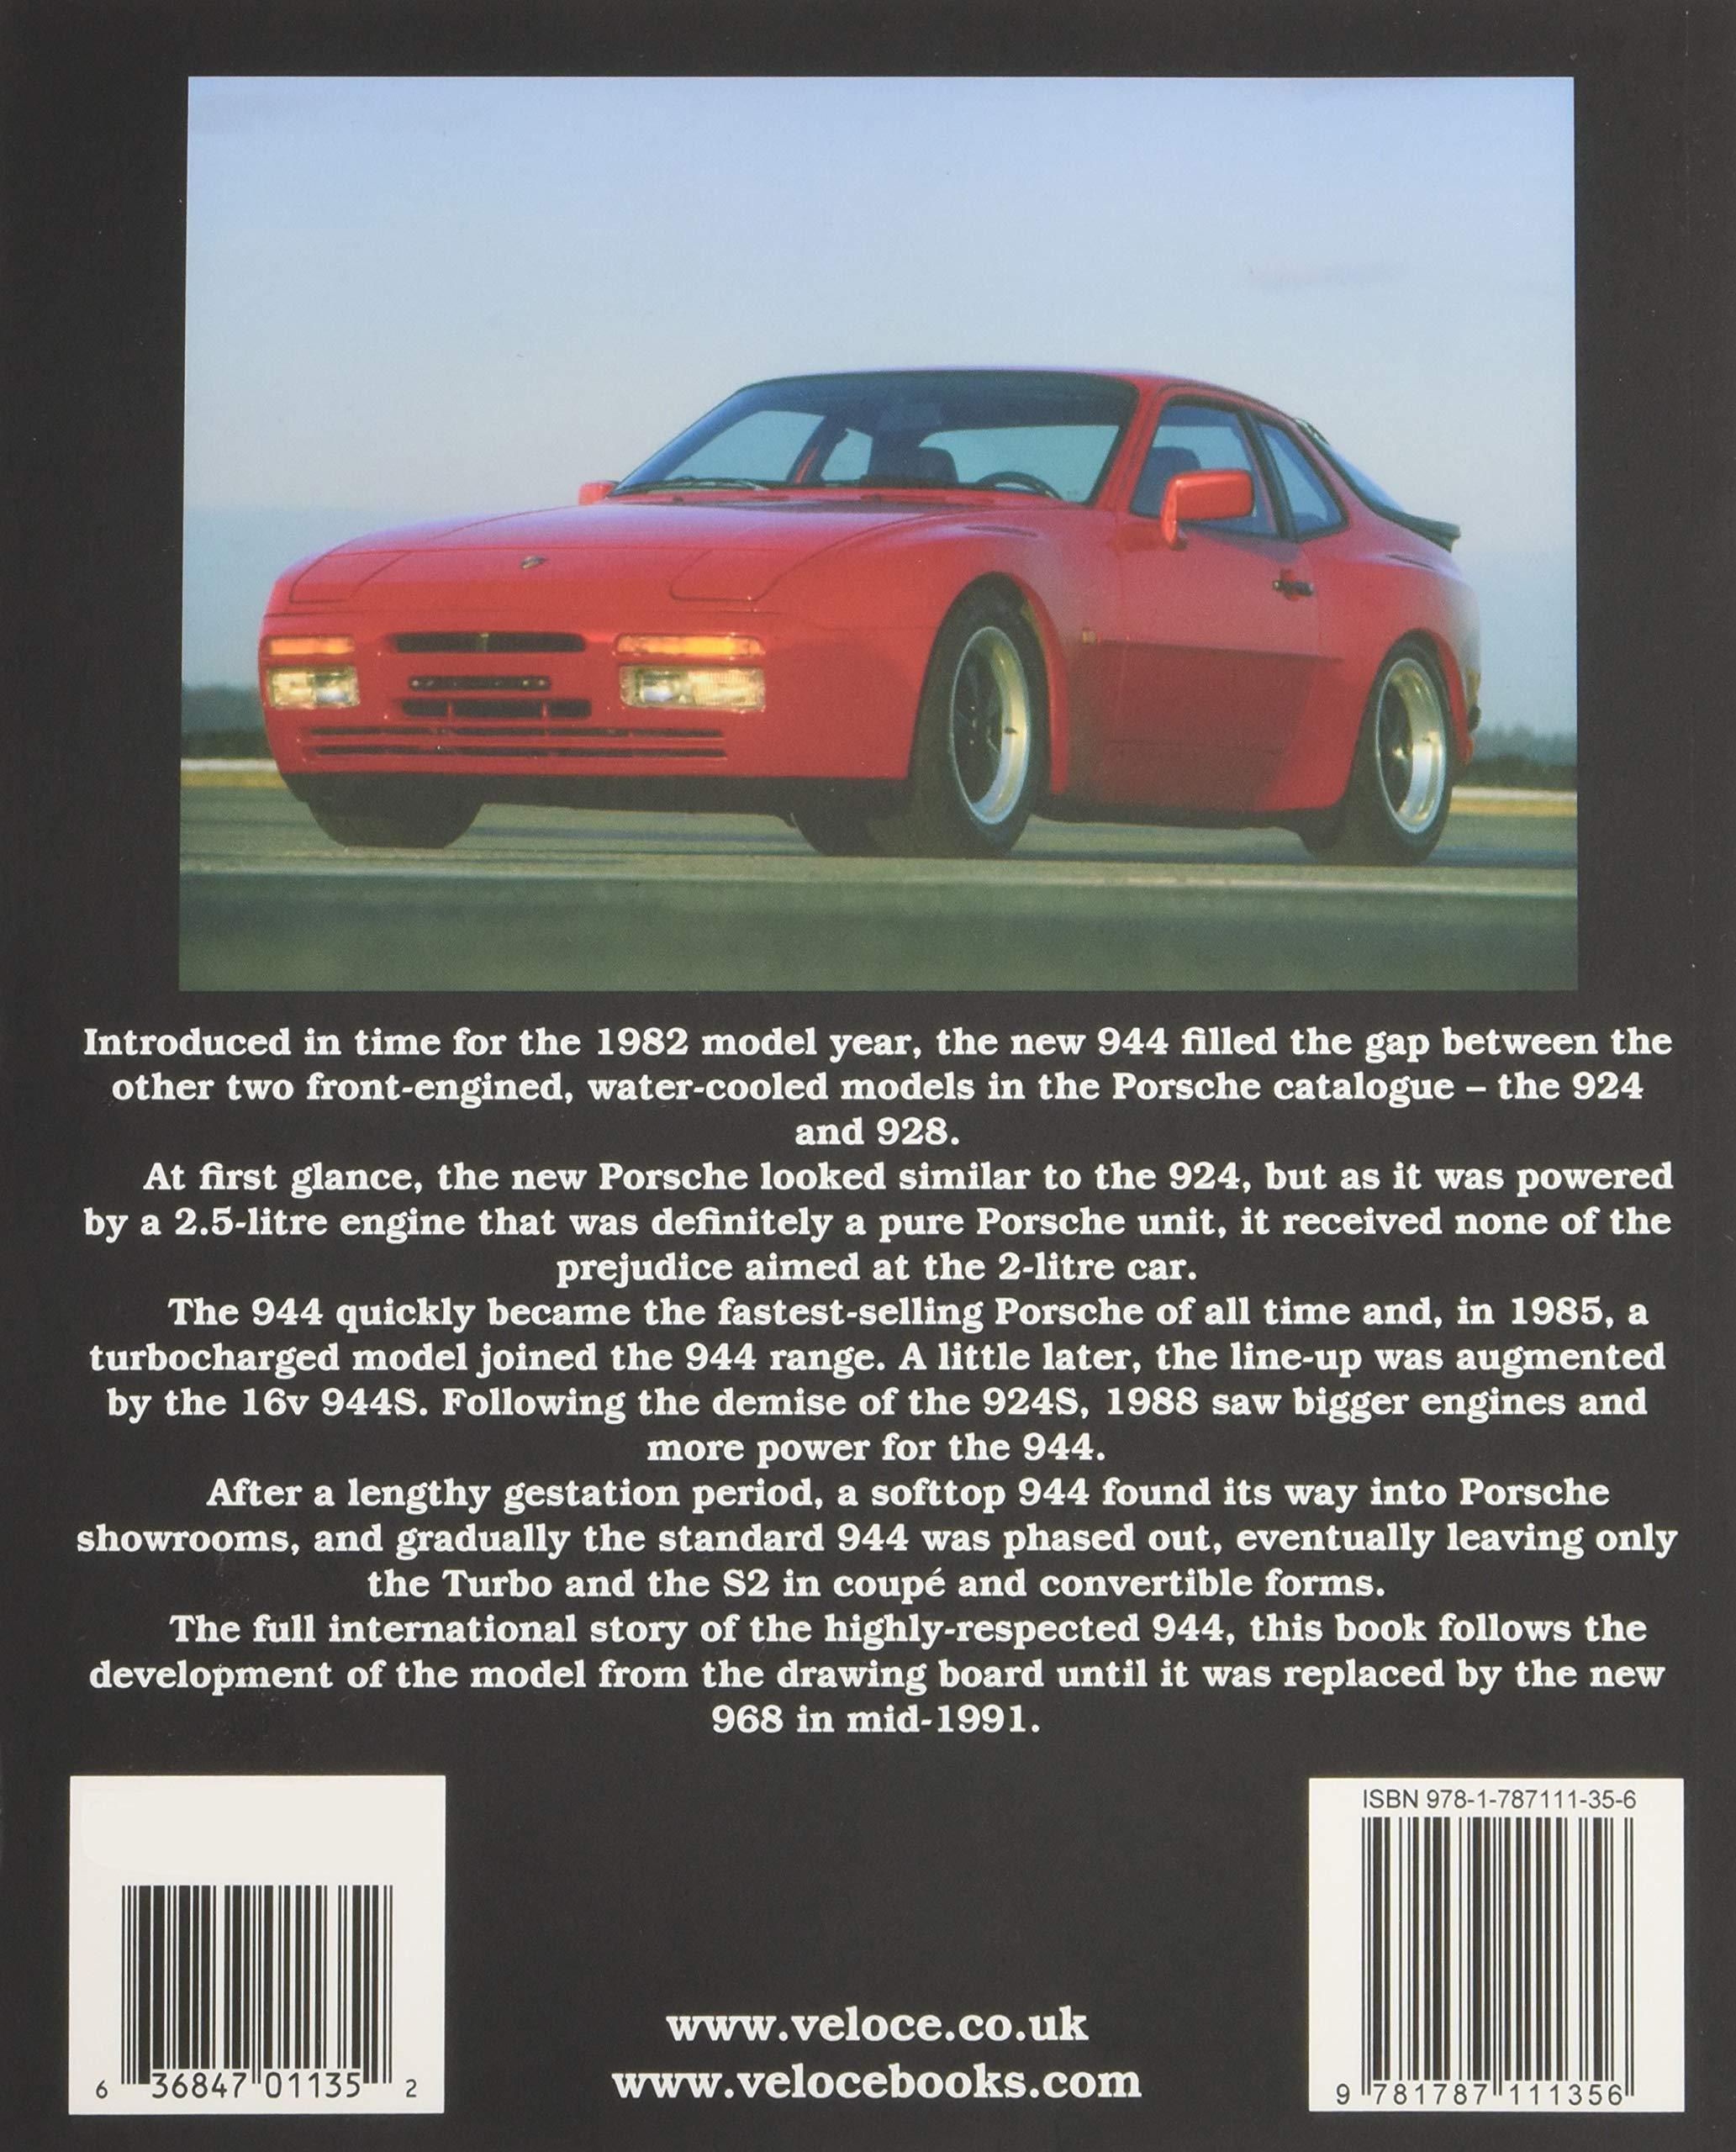 Porsche 944 (Classic Reprint): Amazon.es: Brian Long: Libros en idiomas extranjeros